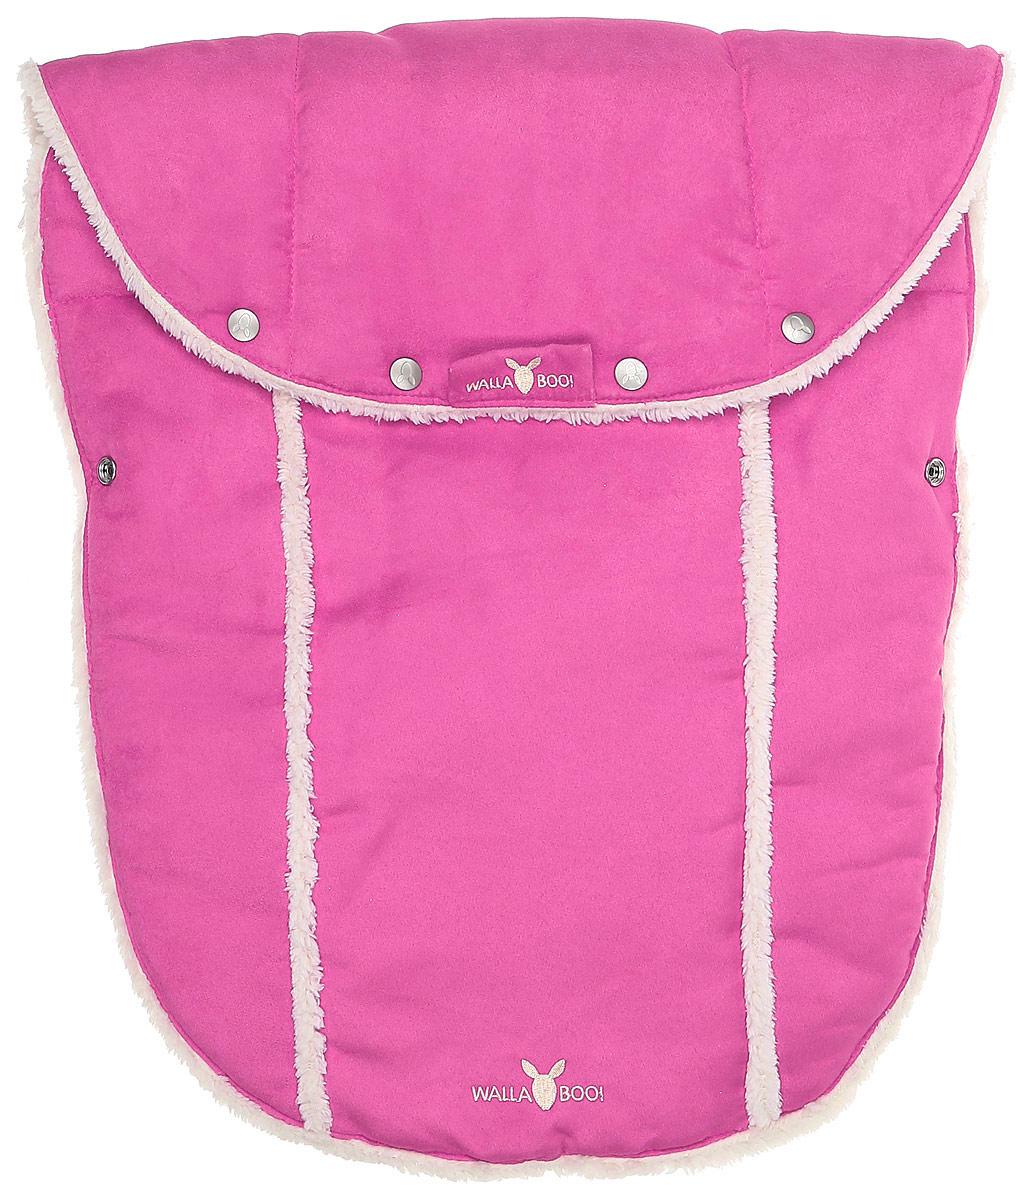 Конверт-муфта для новорожденного Wallaboo, цвет: розовый. WNN.0306.203. Размер 0 месяцевWNN.0306.203Многофункциональный и теплый меховой конверт-муфта для новорожденного Wallaboo отлично подойдет для долгих прогулок. Конверт изготовлен из микроволокнистой замши, необычайно мягкой и тактильно приятной. Теплая меховая подкладка выполнена из полиэстера. В качестве наполнителя используется синтепон (100% полиэстер).Конструкция модели снабжена двумя удобными застежками-молниями. Она раскладывается на два отдельных меховых коврика. Верхняя часть конверта дополнена застежками-кнопками, образующими капюшон. Когда ребенок подрастет, можно использовать конверт в санках, отстегнув переднюю часть конверта. В конверте имеются отверстия под ремни безопасности коляски или автомобильного кресла. Спереди предусмотрен отворот, фиксирующийся с помощью кнопок. Изделие украшено вышитыми логотипами бренда.В таком конверте малышу будет тепло, удобно и комфортно!